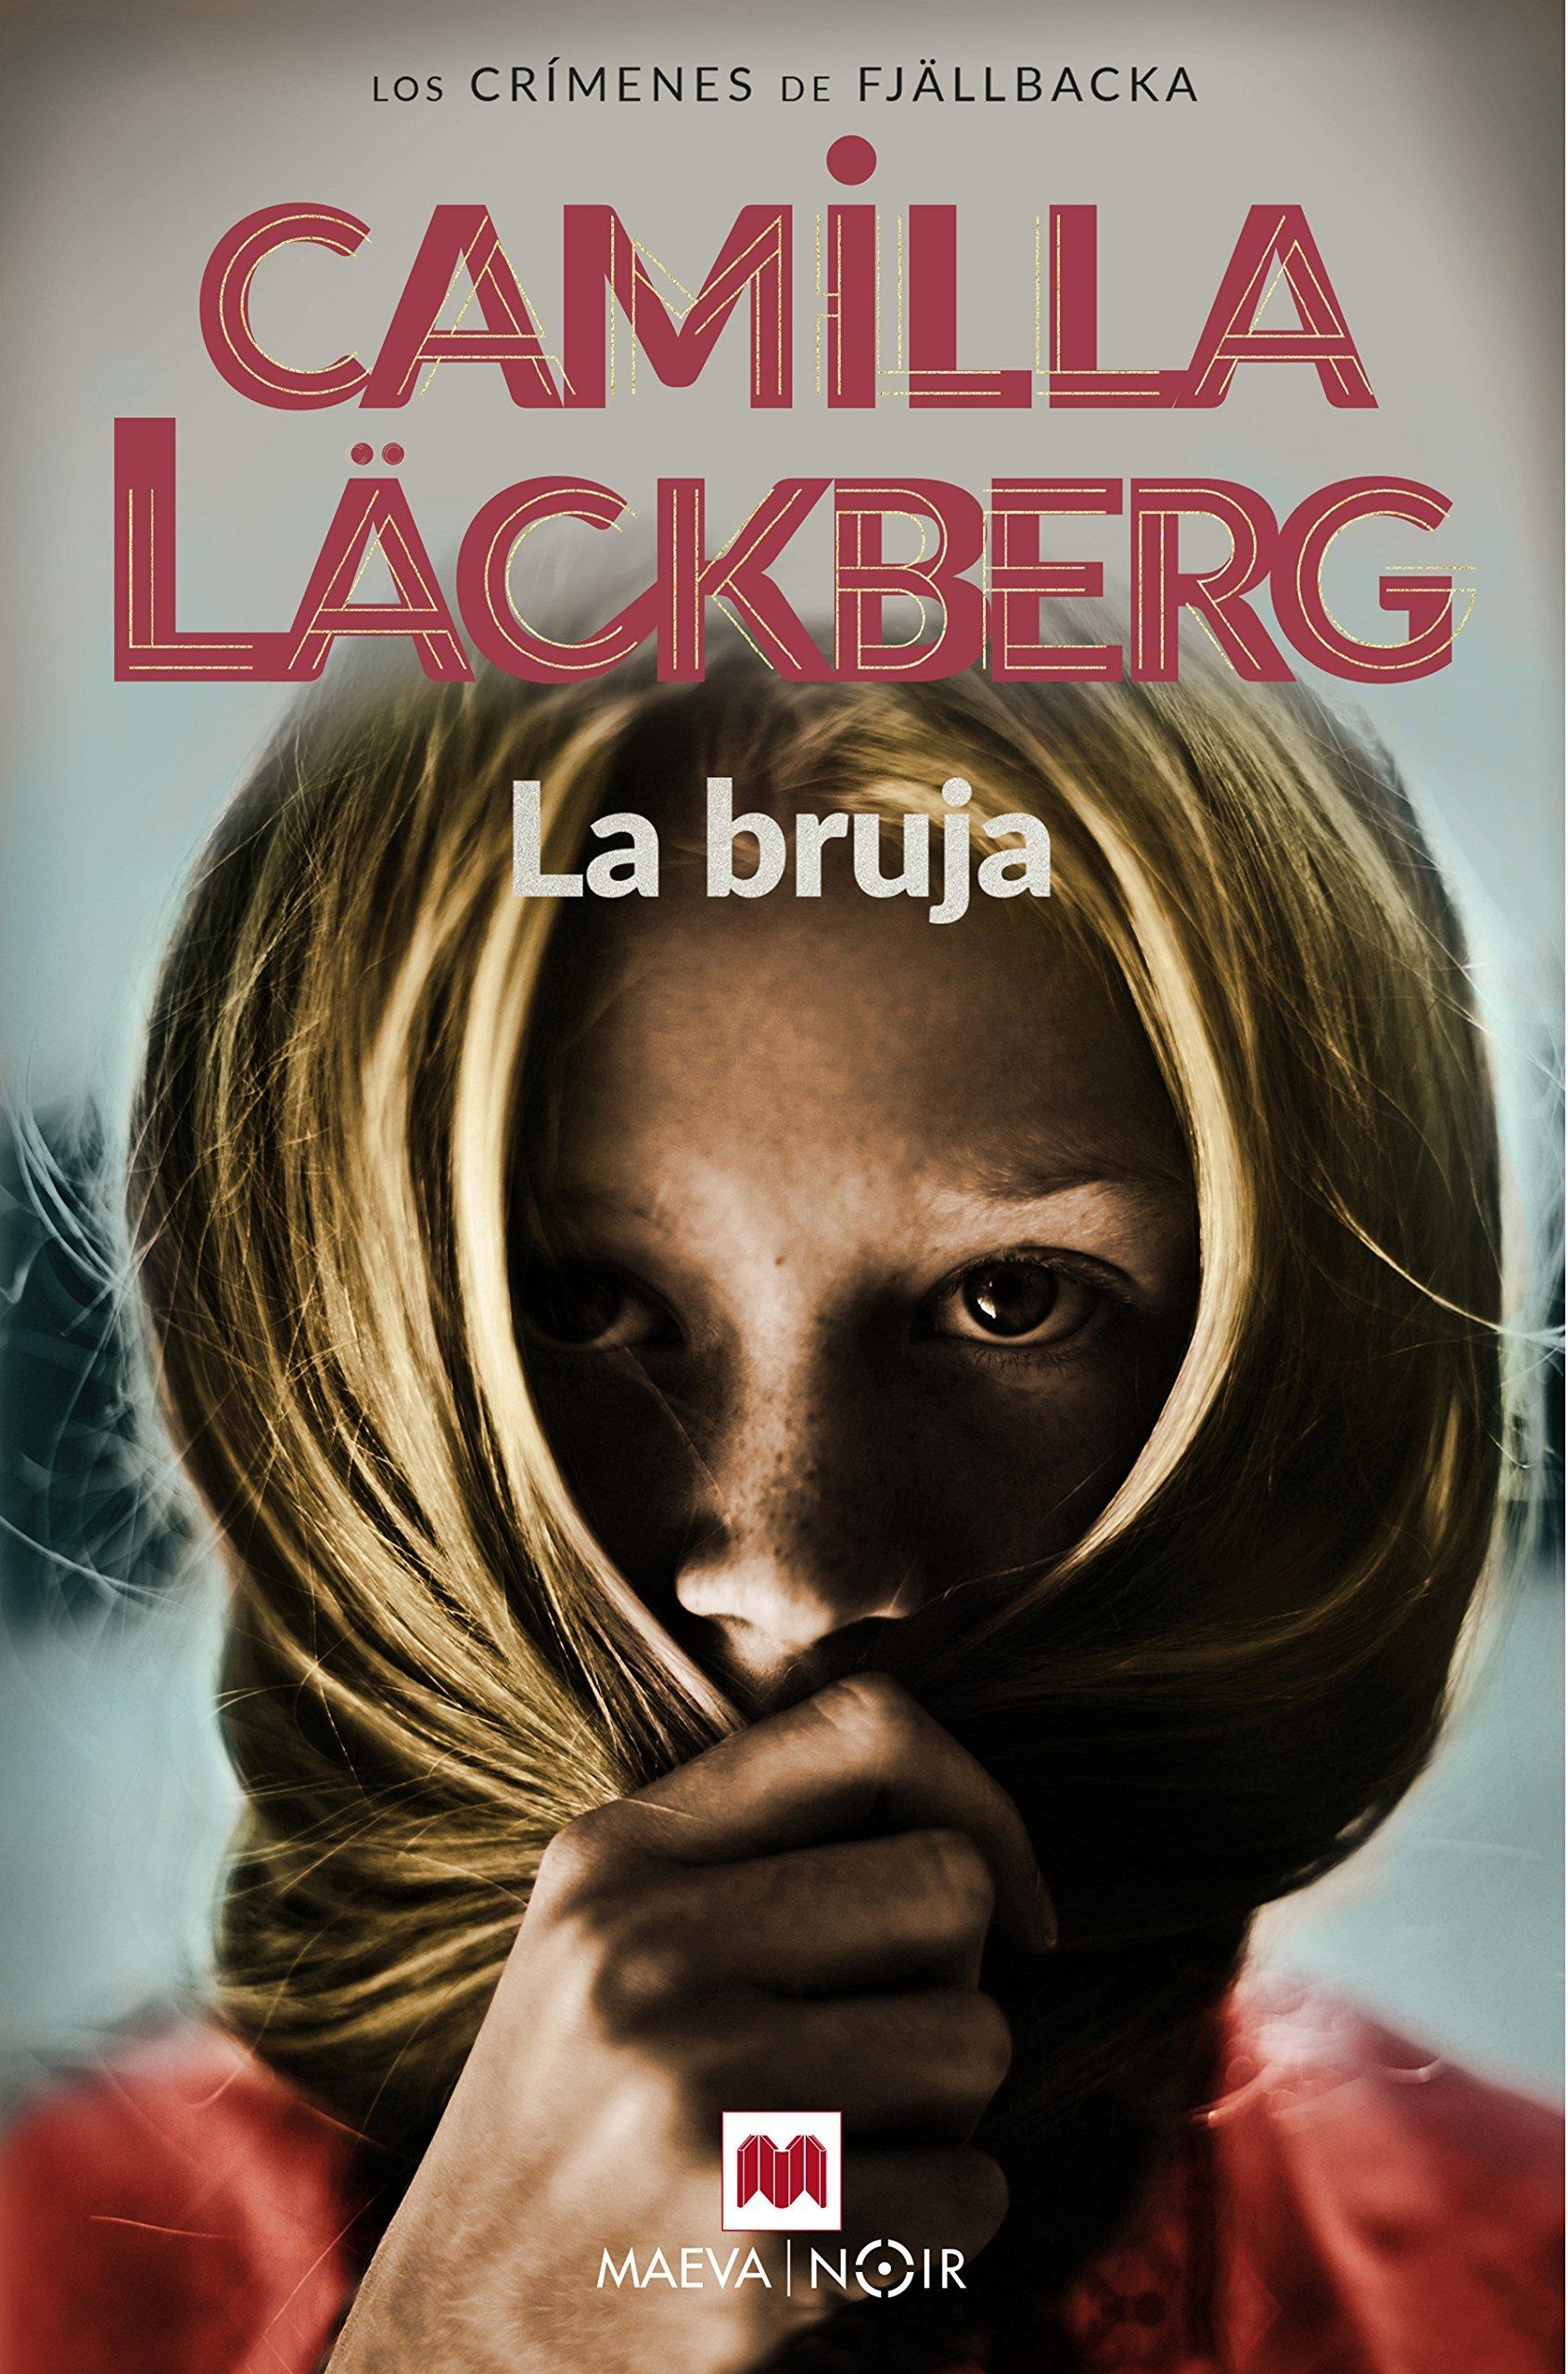 La bruja, el último libro de Camilla Läckberg